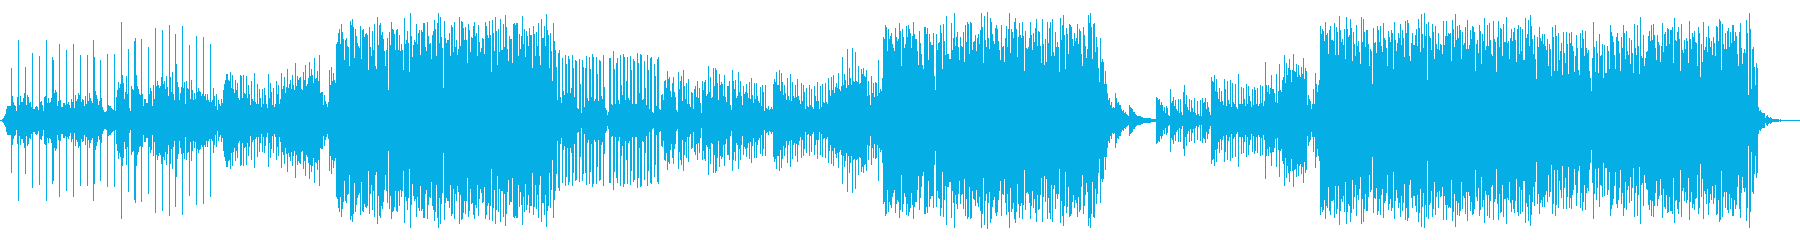 夏 海 ハウス 声ネタ無し版の再生済みの波形